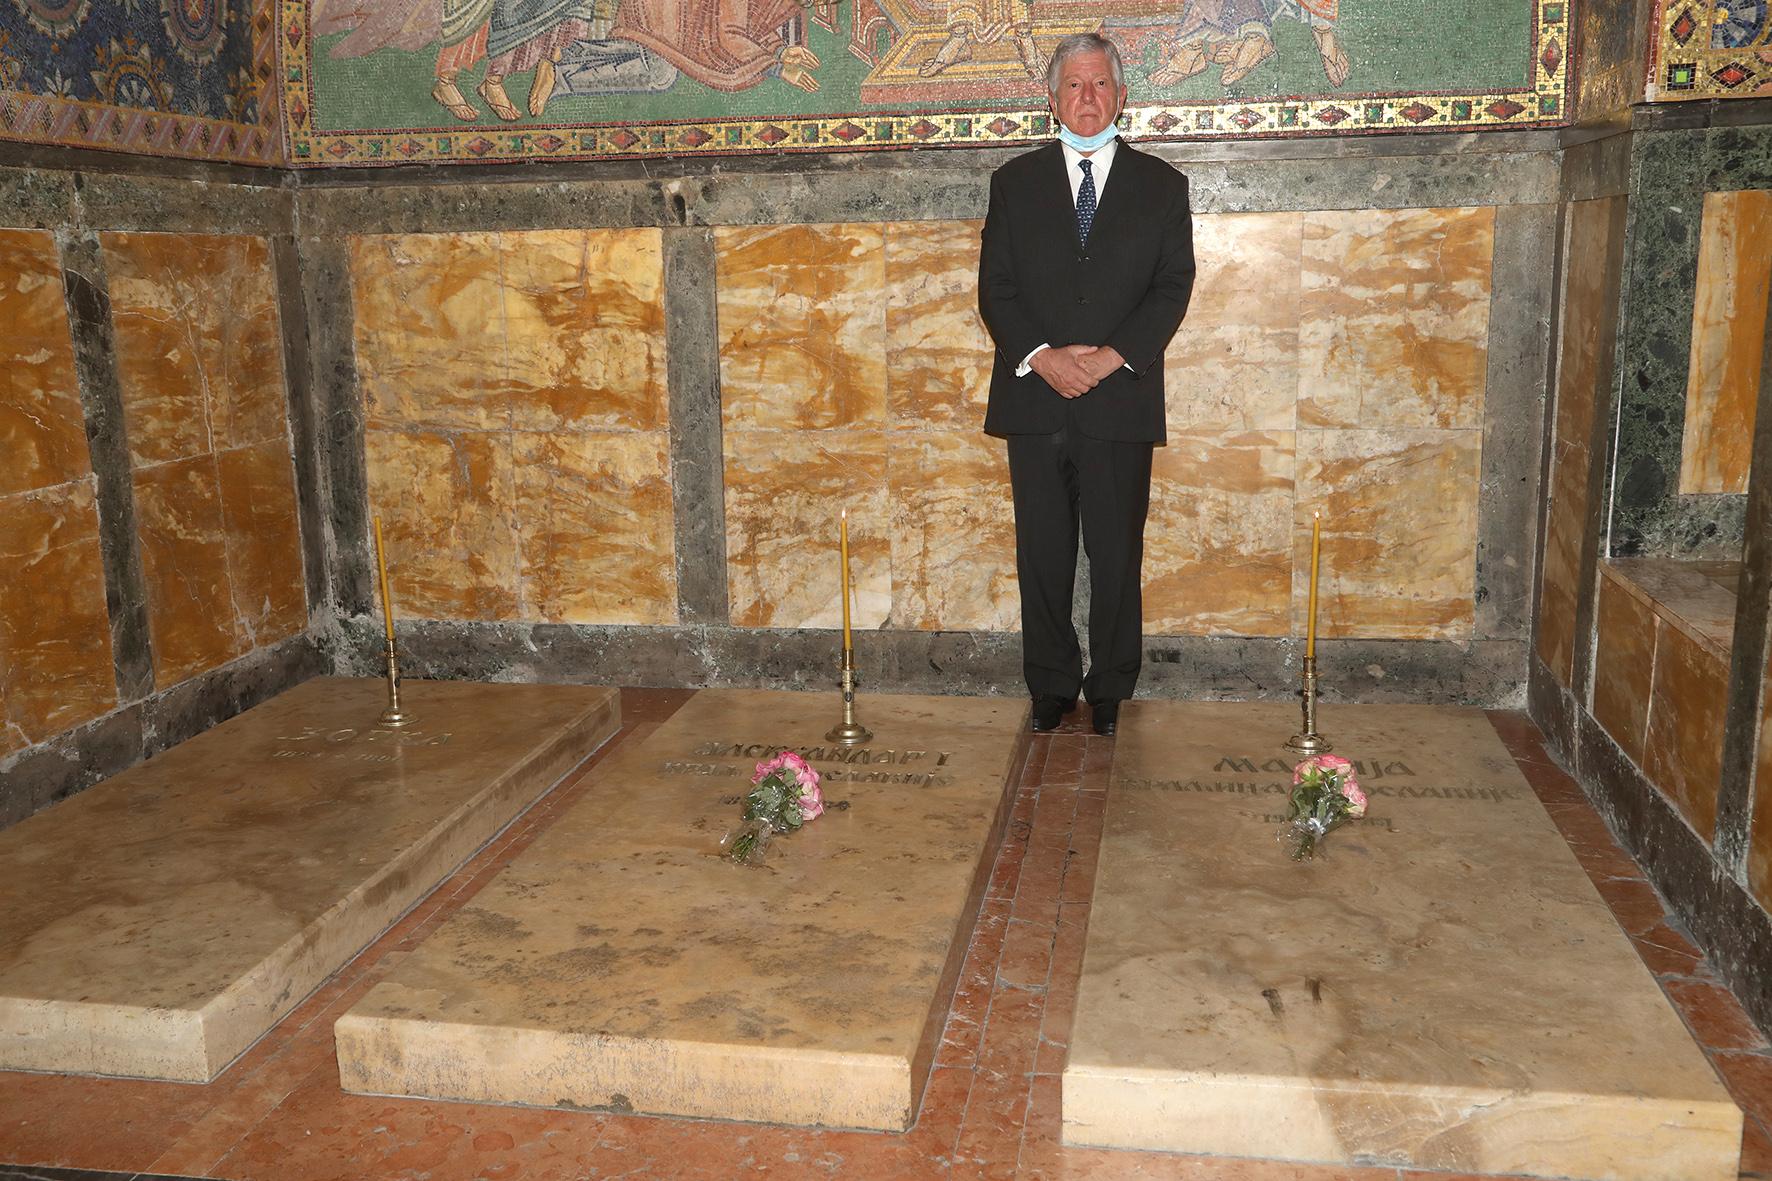 Њ.К.В. Престолонаследник Александар пали свеће на гробовима његовог деде, Њ.В. Краља Александра I и његове баке, Њ.В. Краљице Марије